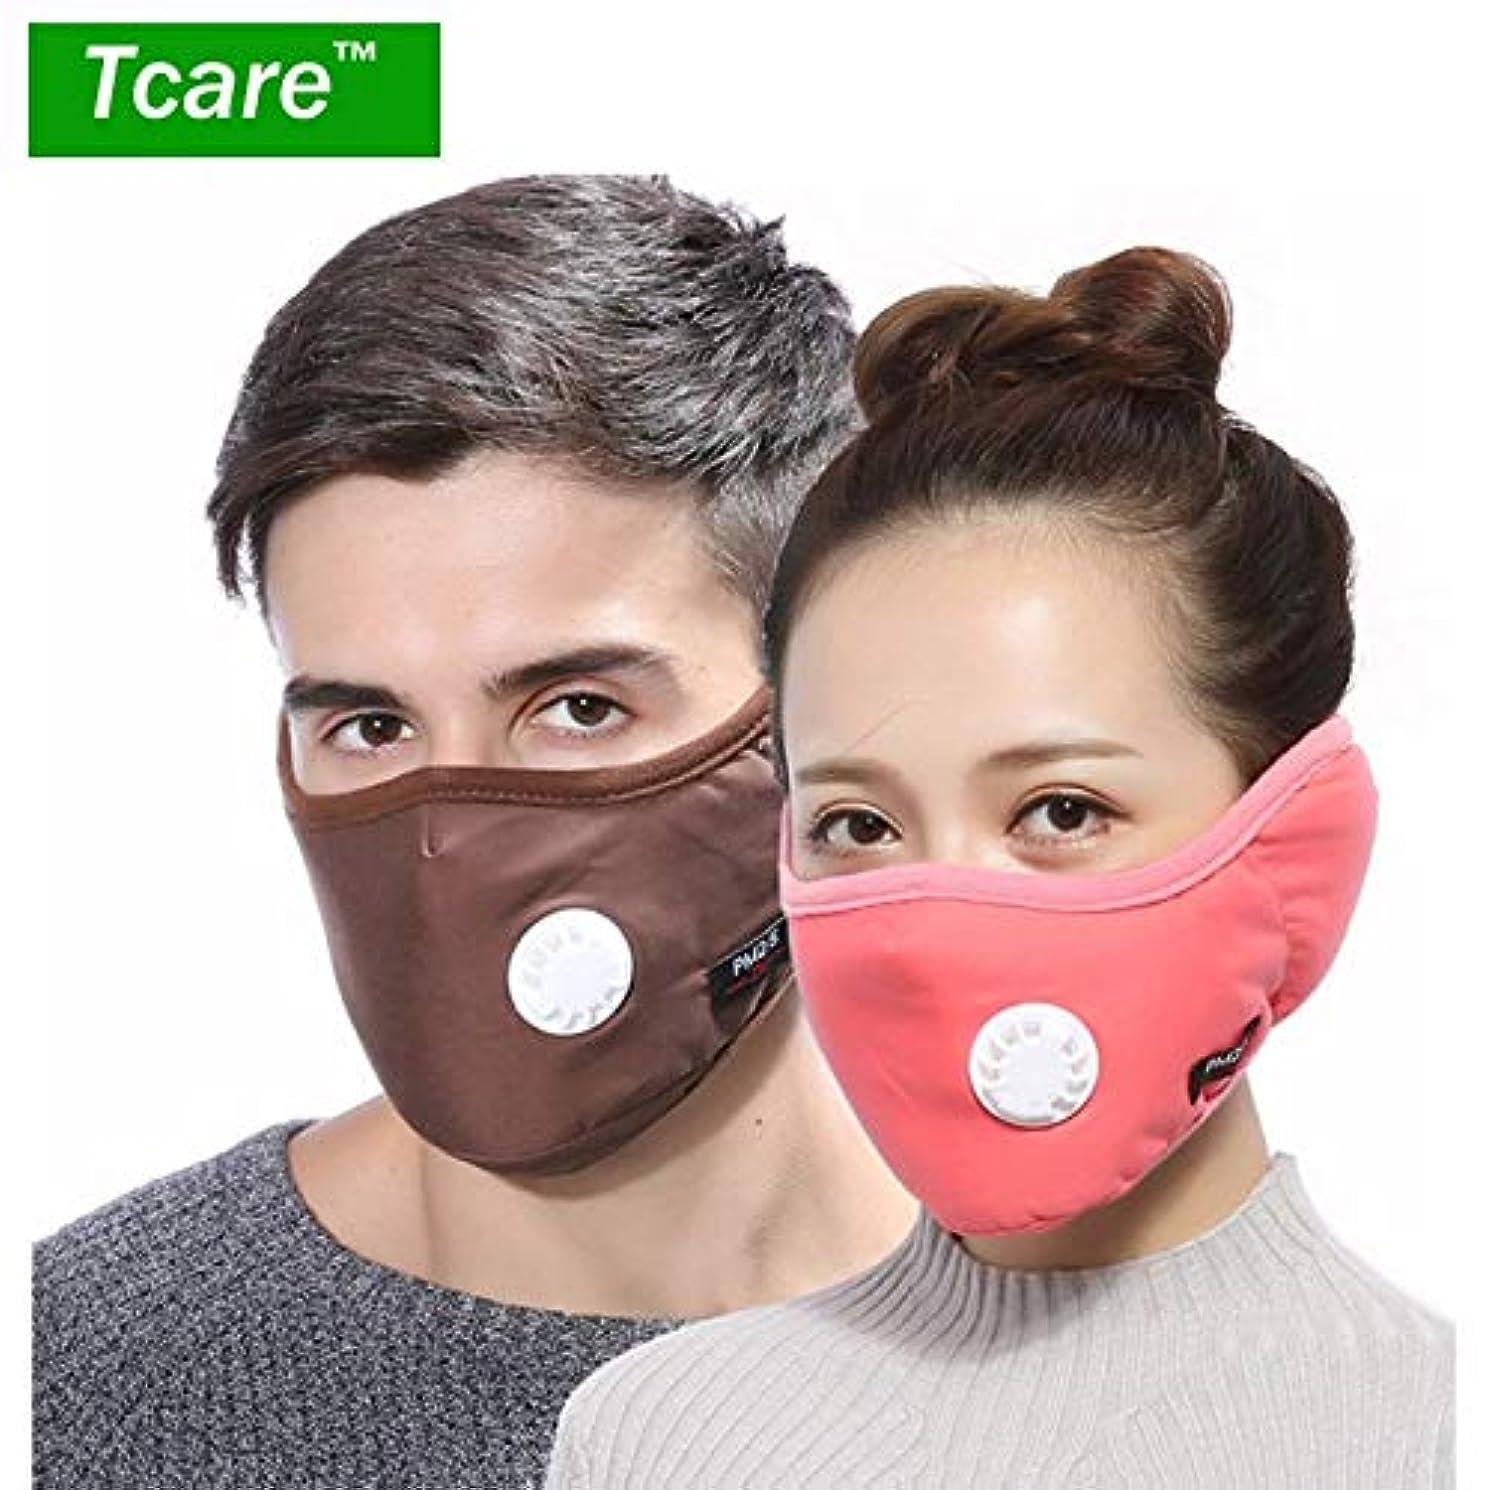 屋内超音速ふけるTcare 2 1におけるPM2.5マスクバルブコットンアンチダスト口マスクの冬のイヤーマフActtedフィルター付マスク:9アーミーグリーン